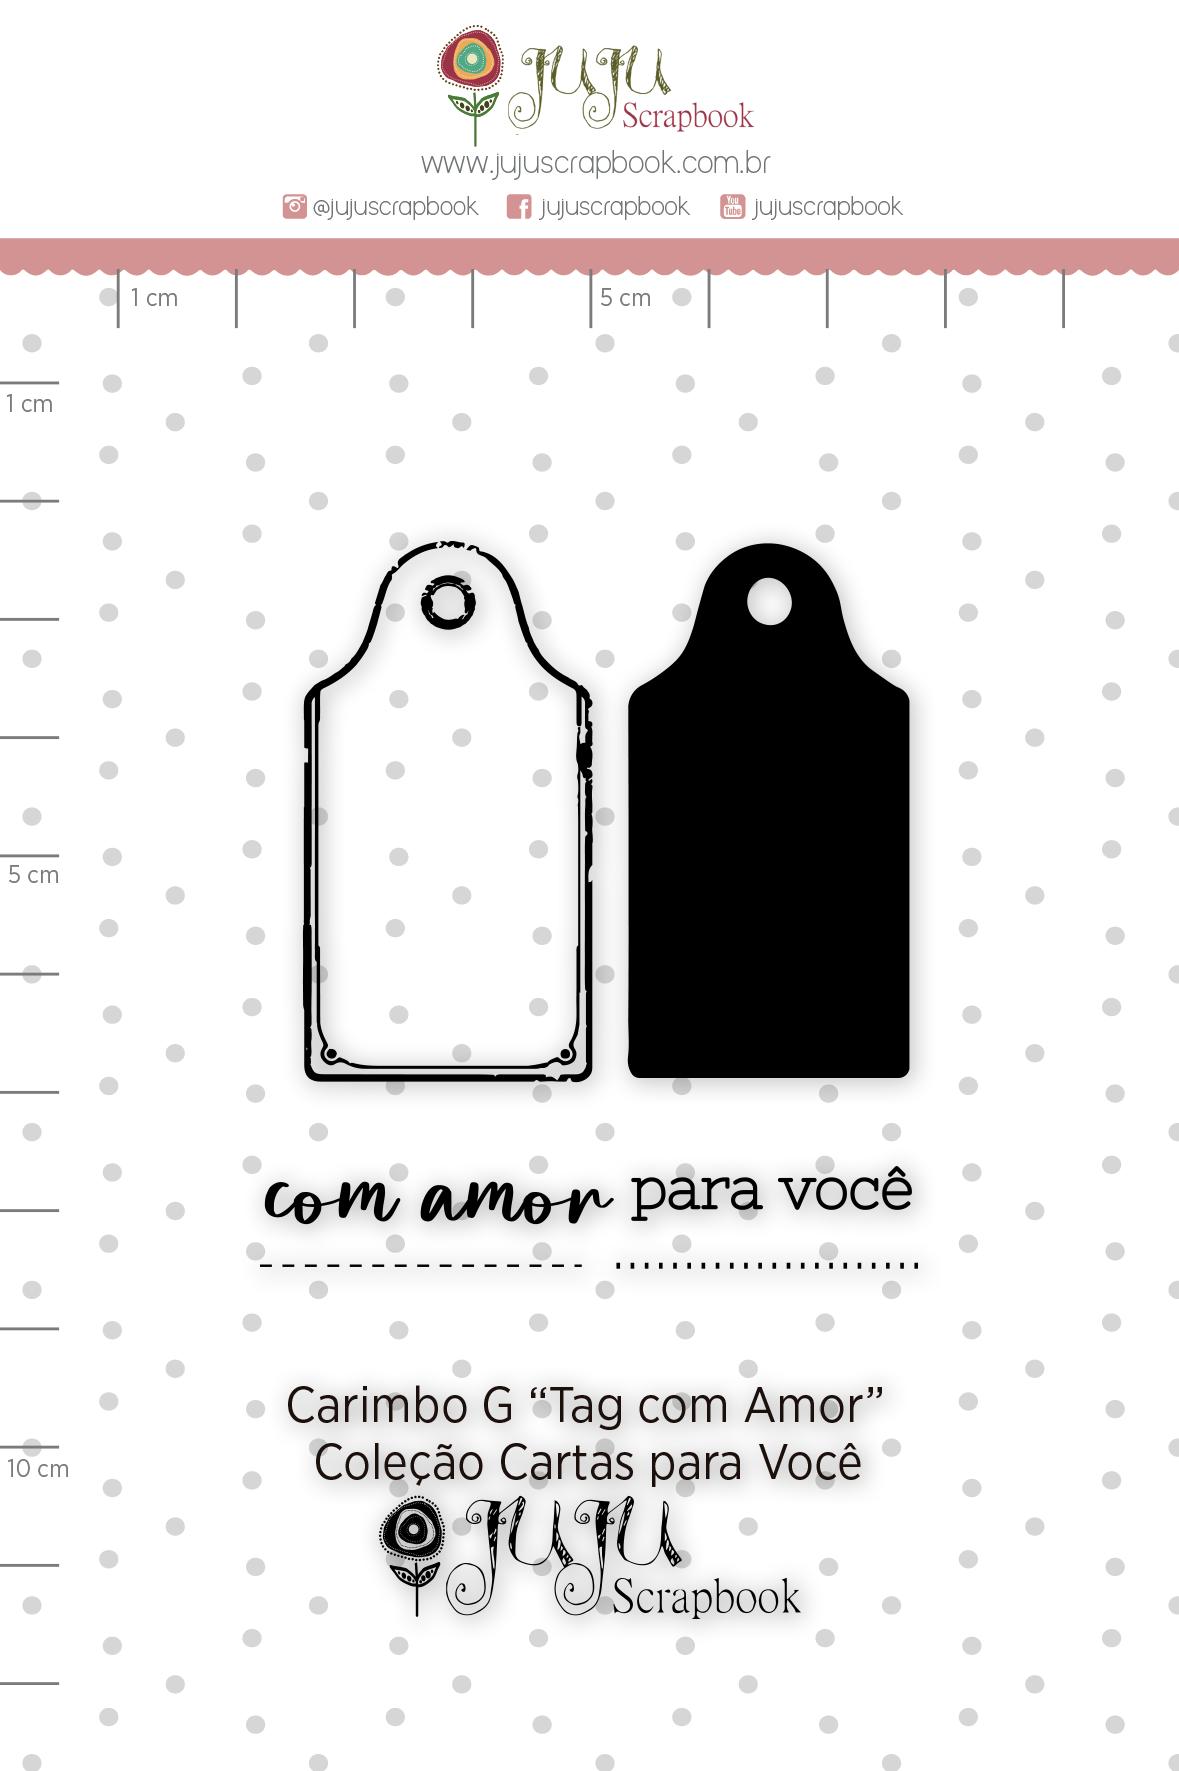 Carimbo G Tag com Amor - Coleção Cartas para Você - JuJu Scrapbook  - JuJu Scrapbook